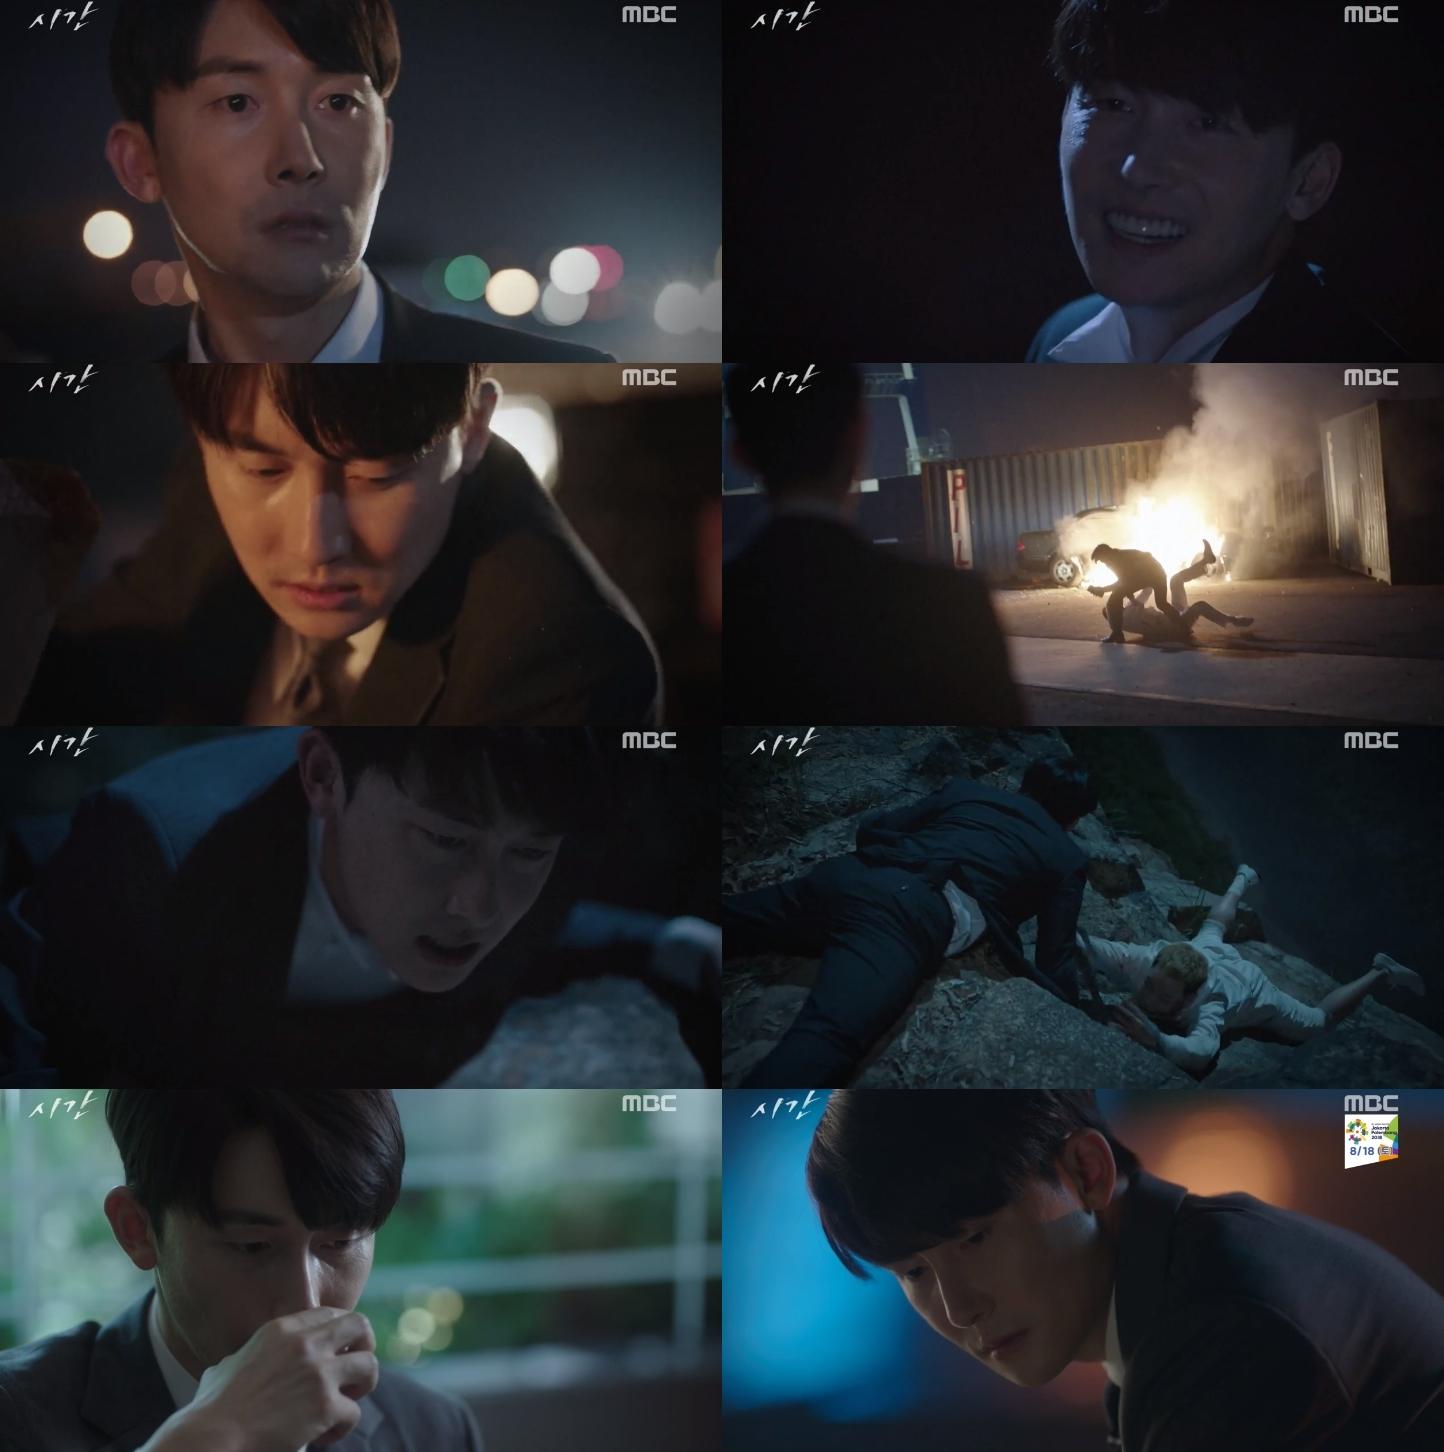 '시간' 김준한, 완벽한 '흑화'… 또 다른 얼굴을 기대하게 하는 열연